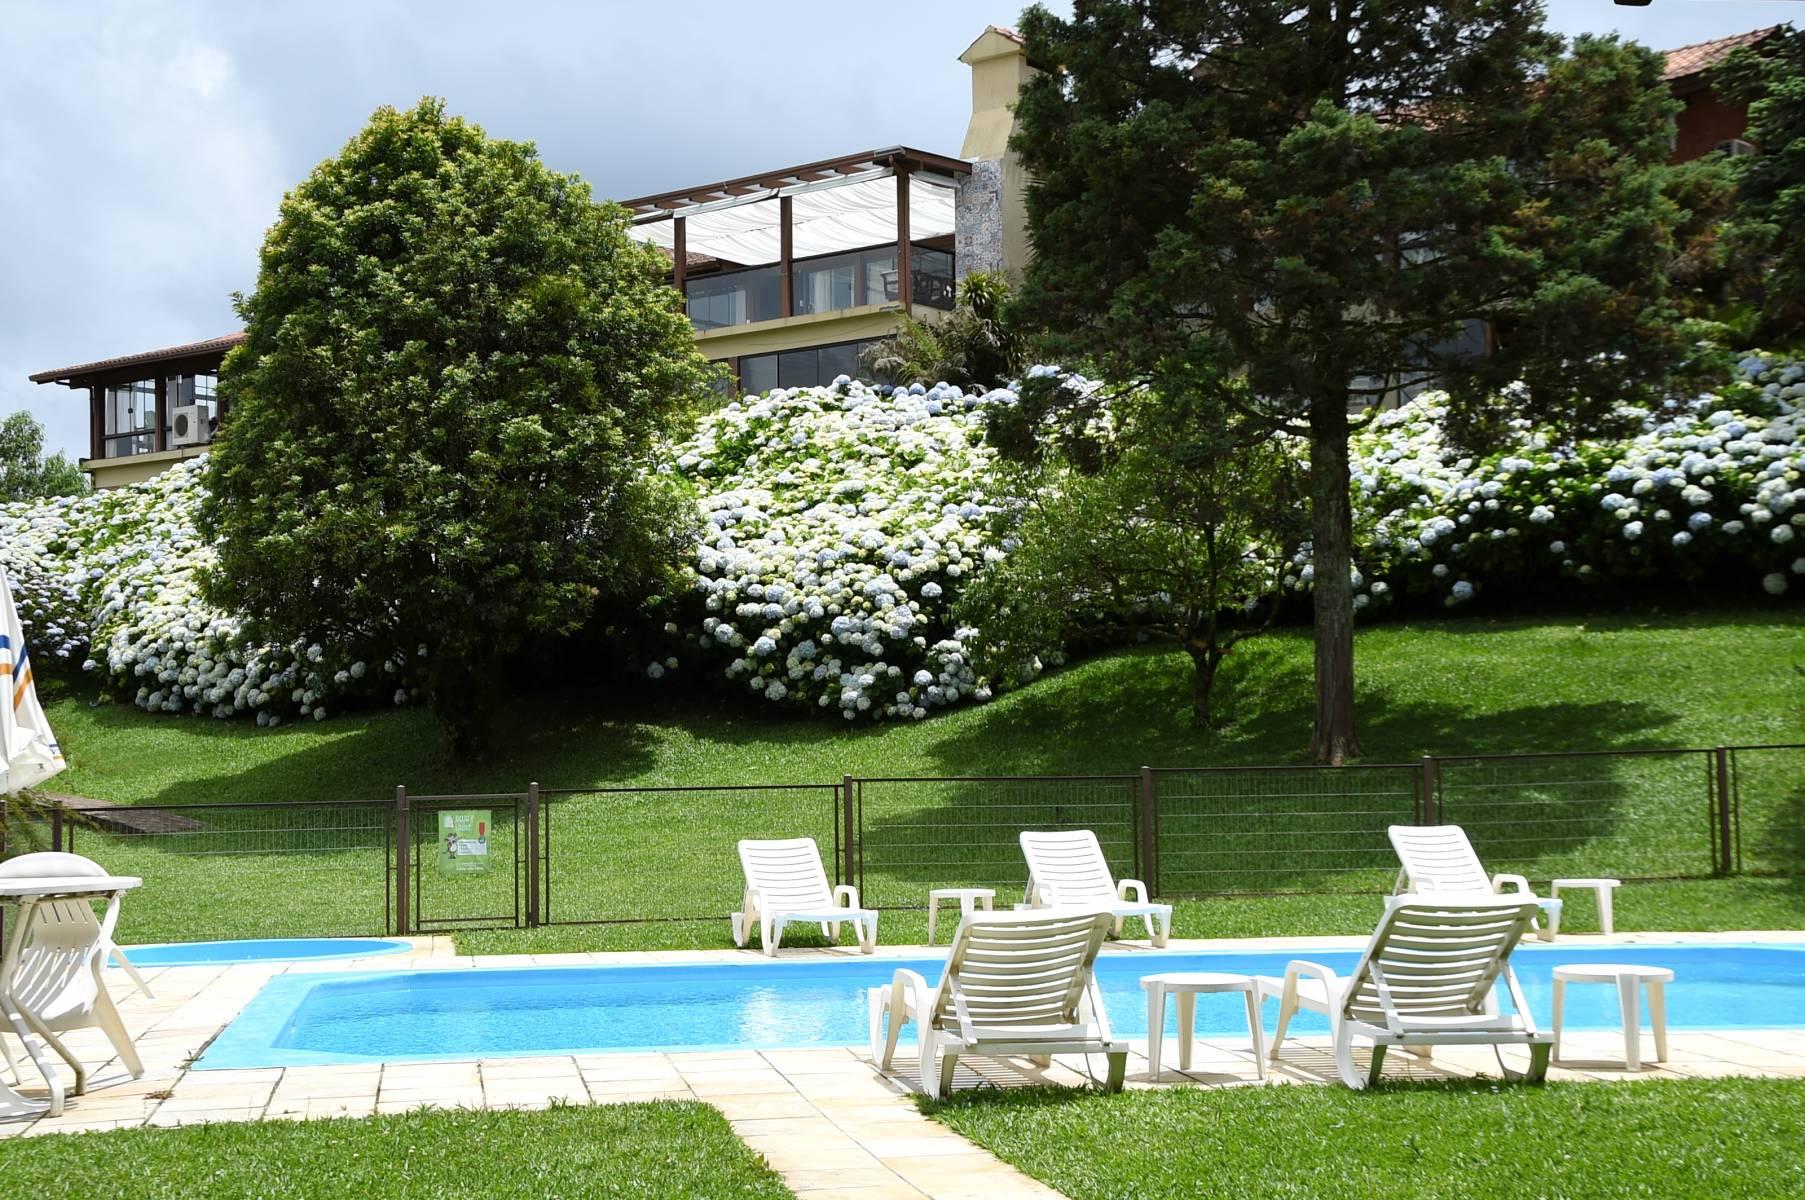 Piscina - Hotel Bangalôs da Serra #CurtaSuaFamilia #HotelSustentavel #TurismoVerde #TravelersChoice #EcoLider #Gramado